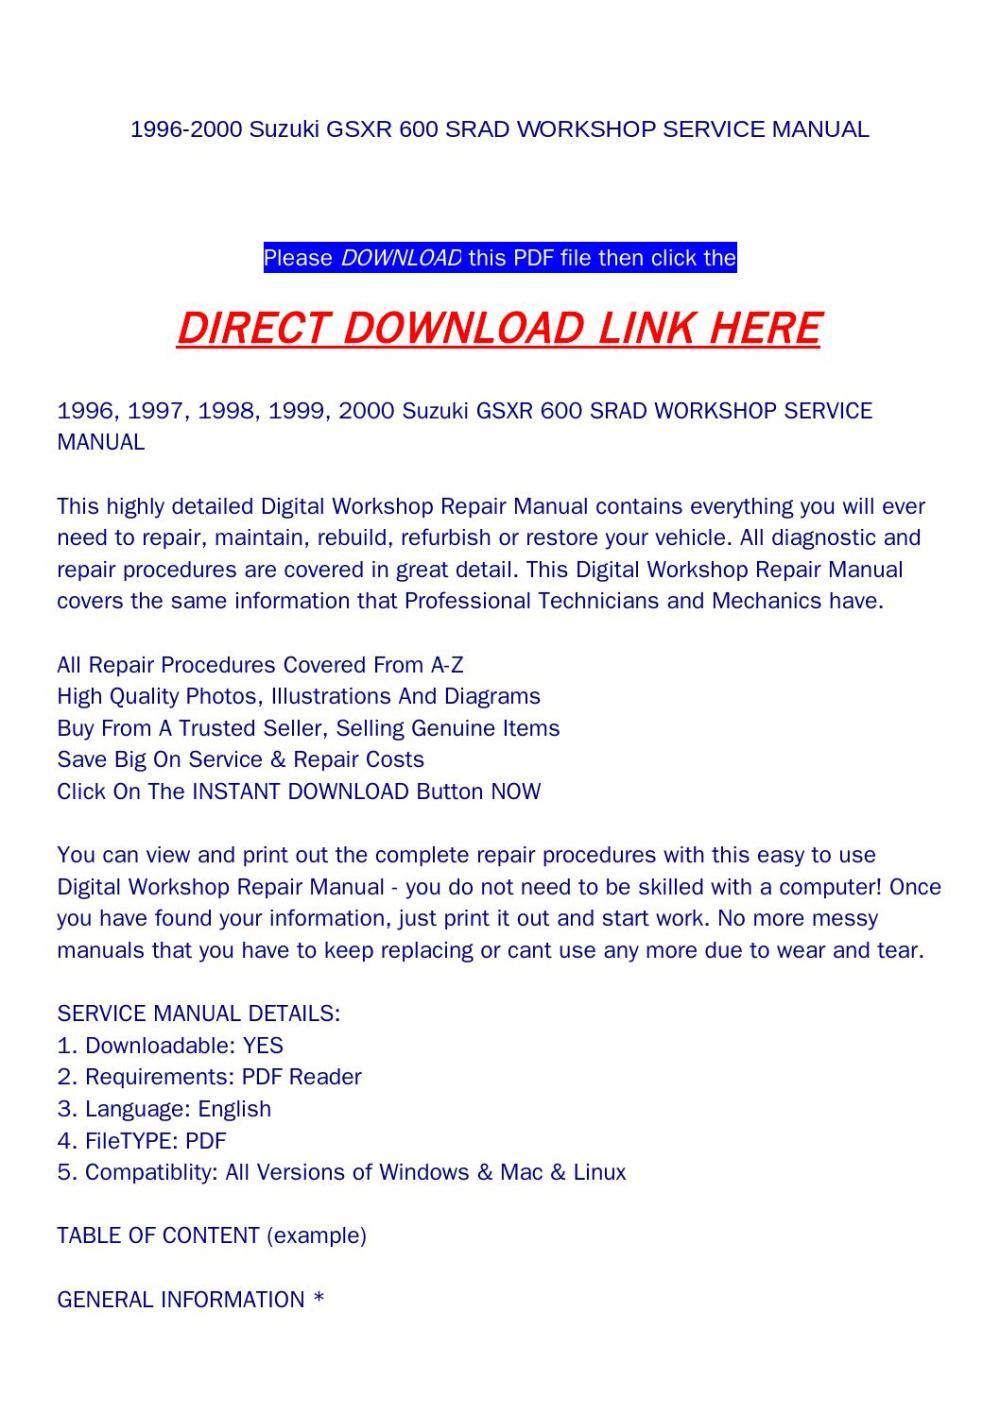 medium resolution of 1996 2000 suzuki gsxr 600 srad workshop service manual